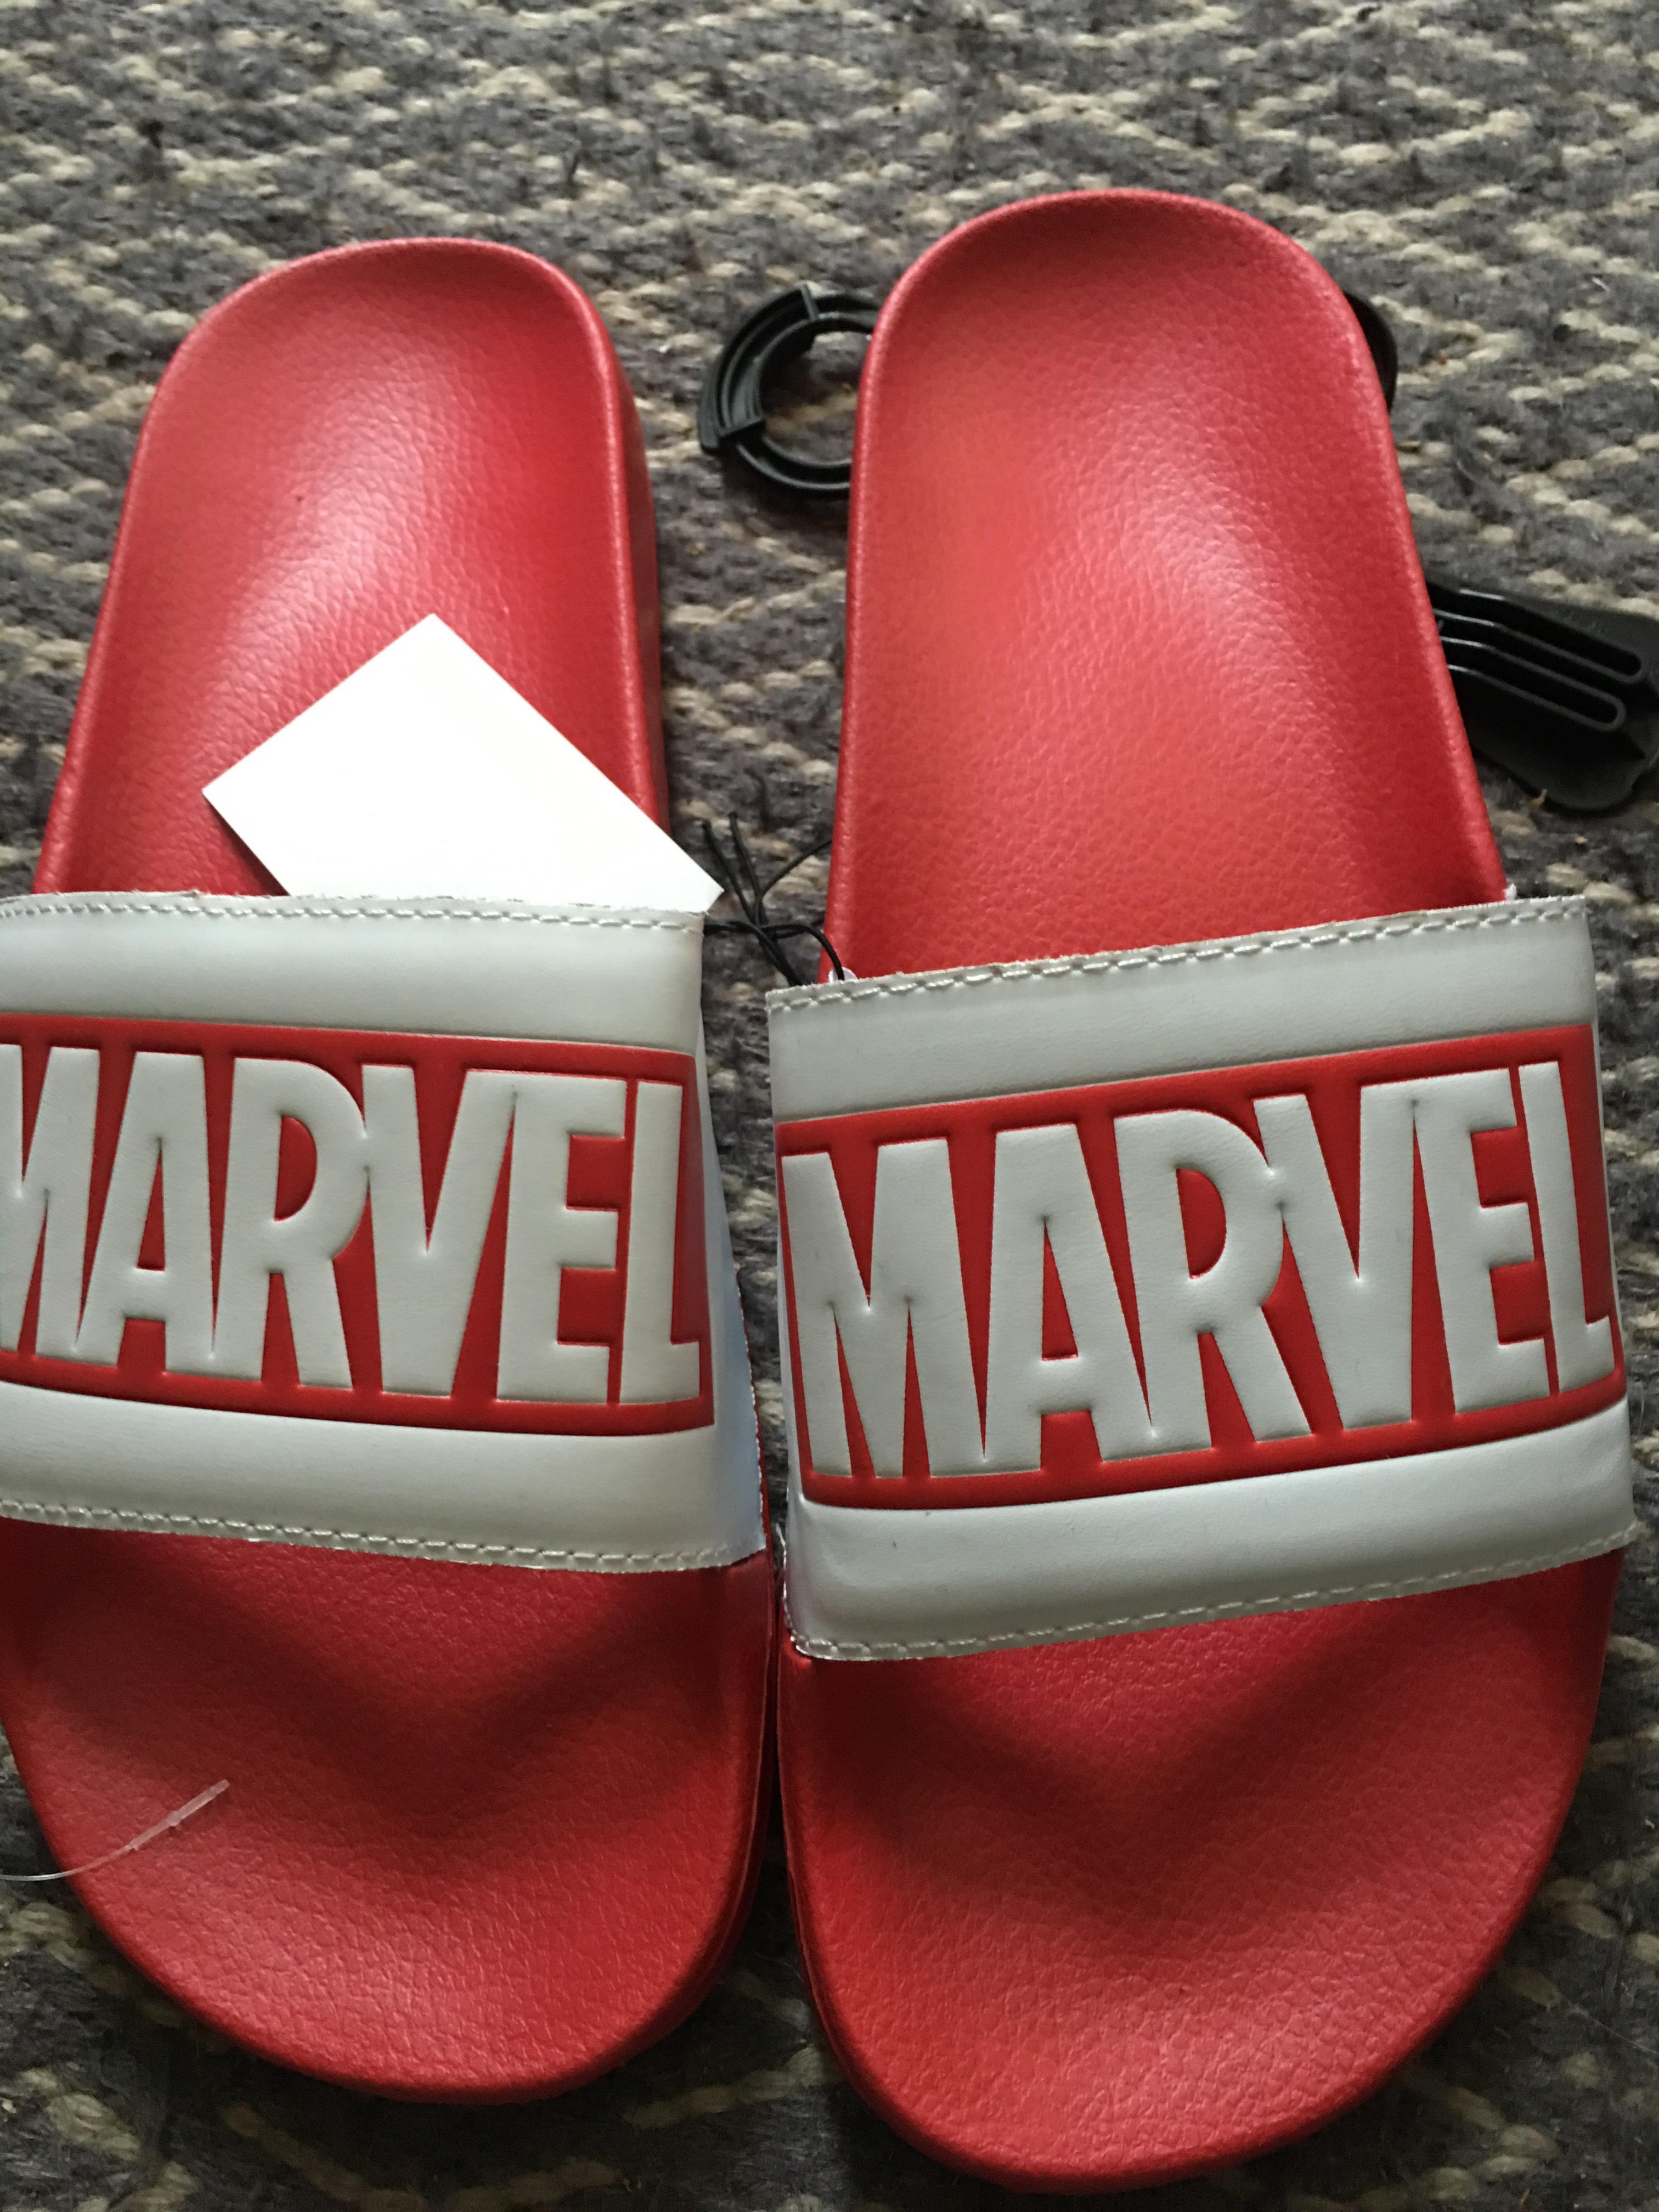 H&M Marvel Pool Sliders £2.00 instore Cardiff